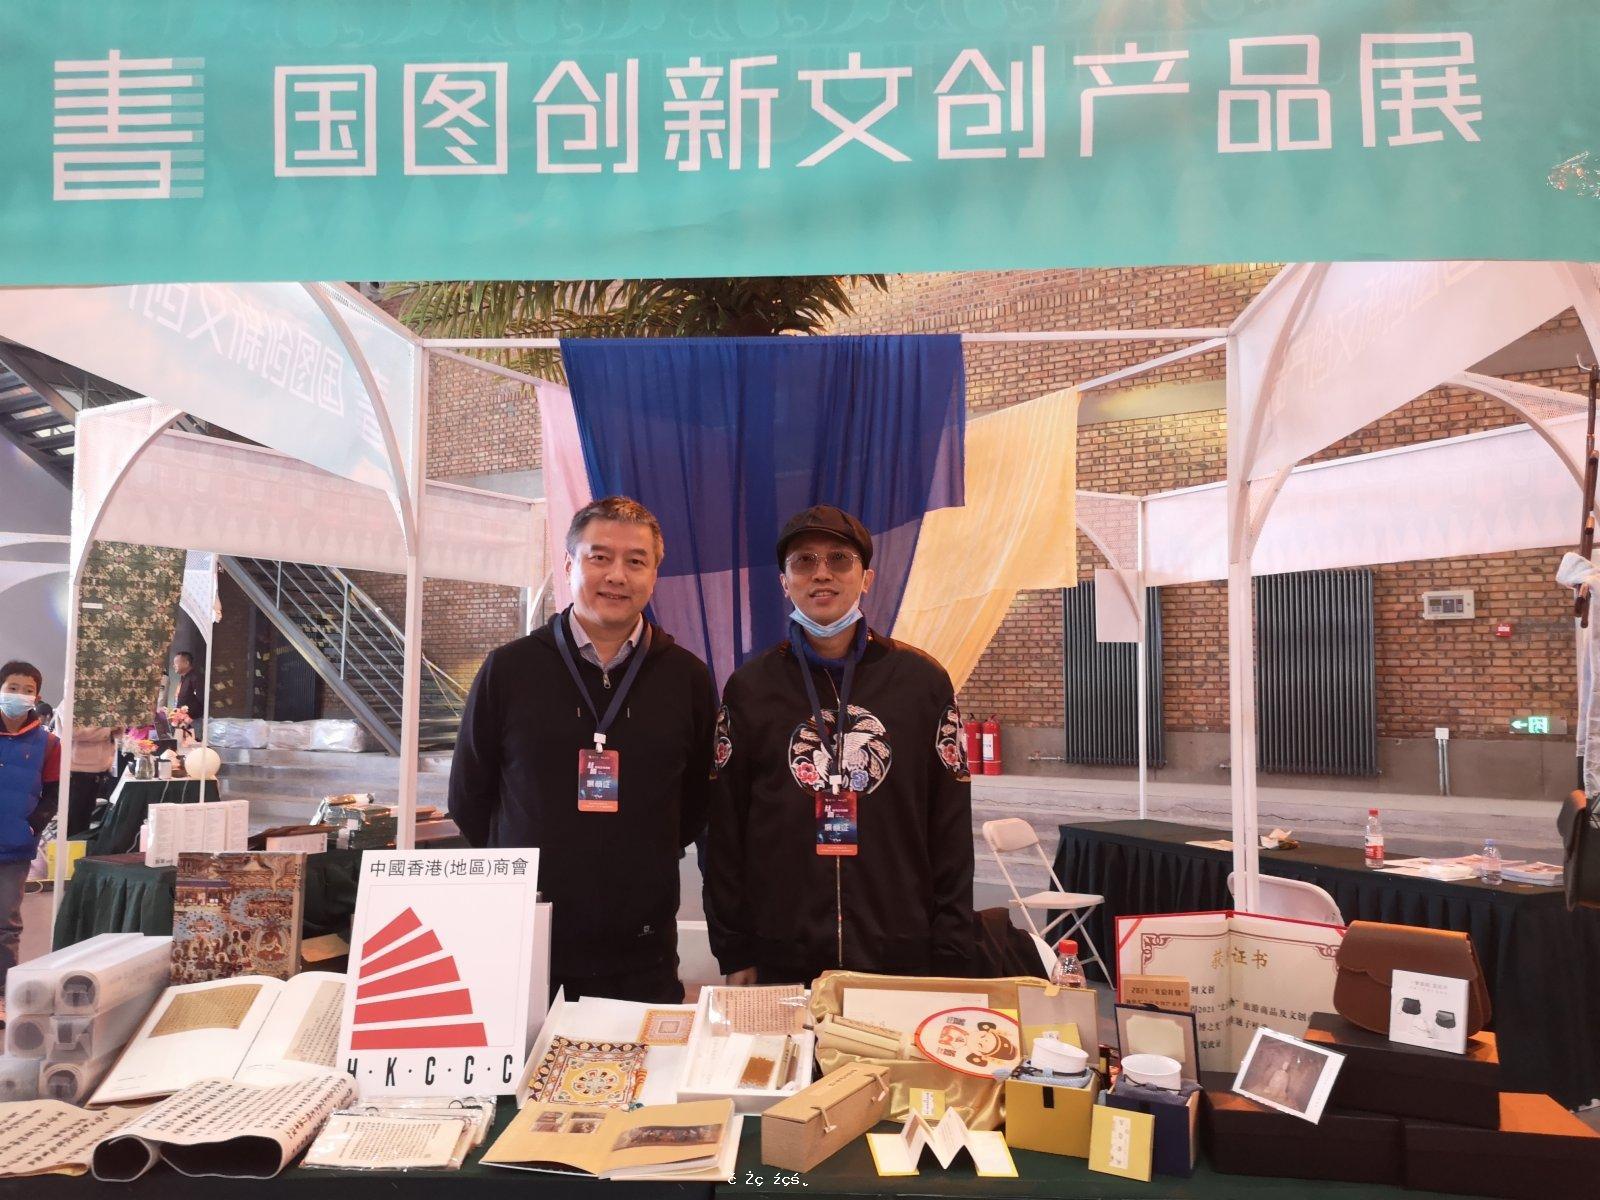 舌尖上的「一帶一路」北京開展 香港展位架起文化溝通新橋樑